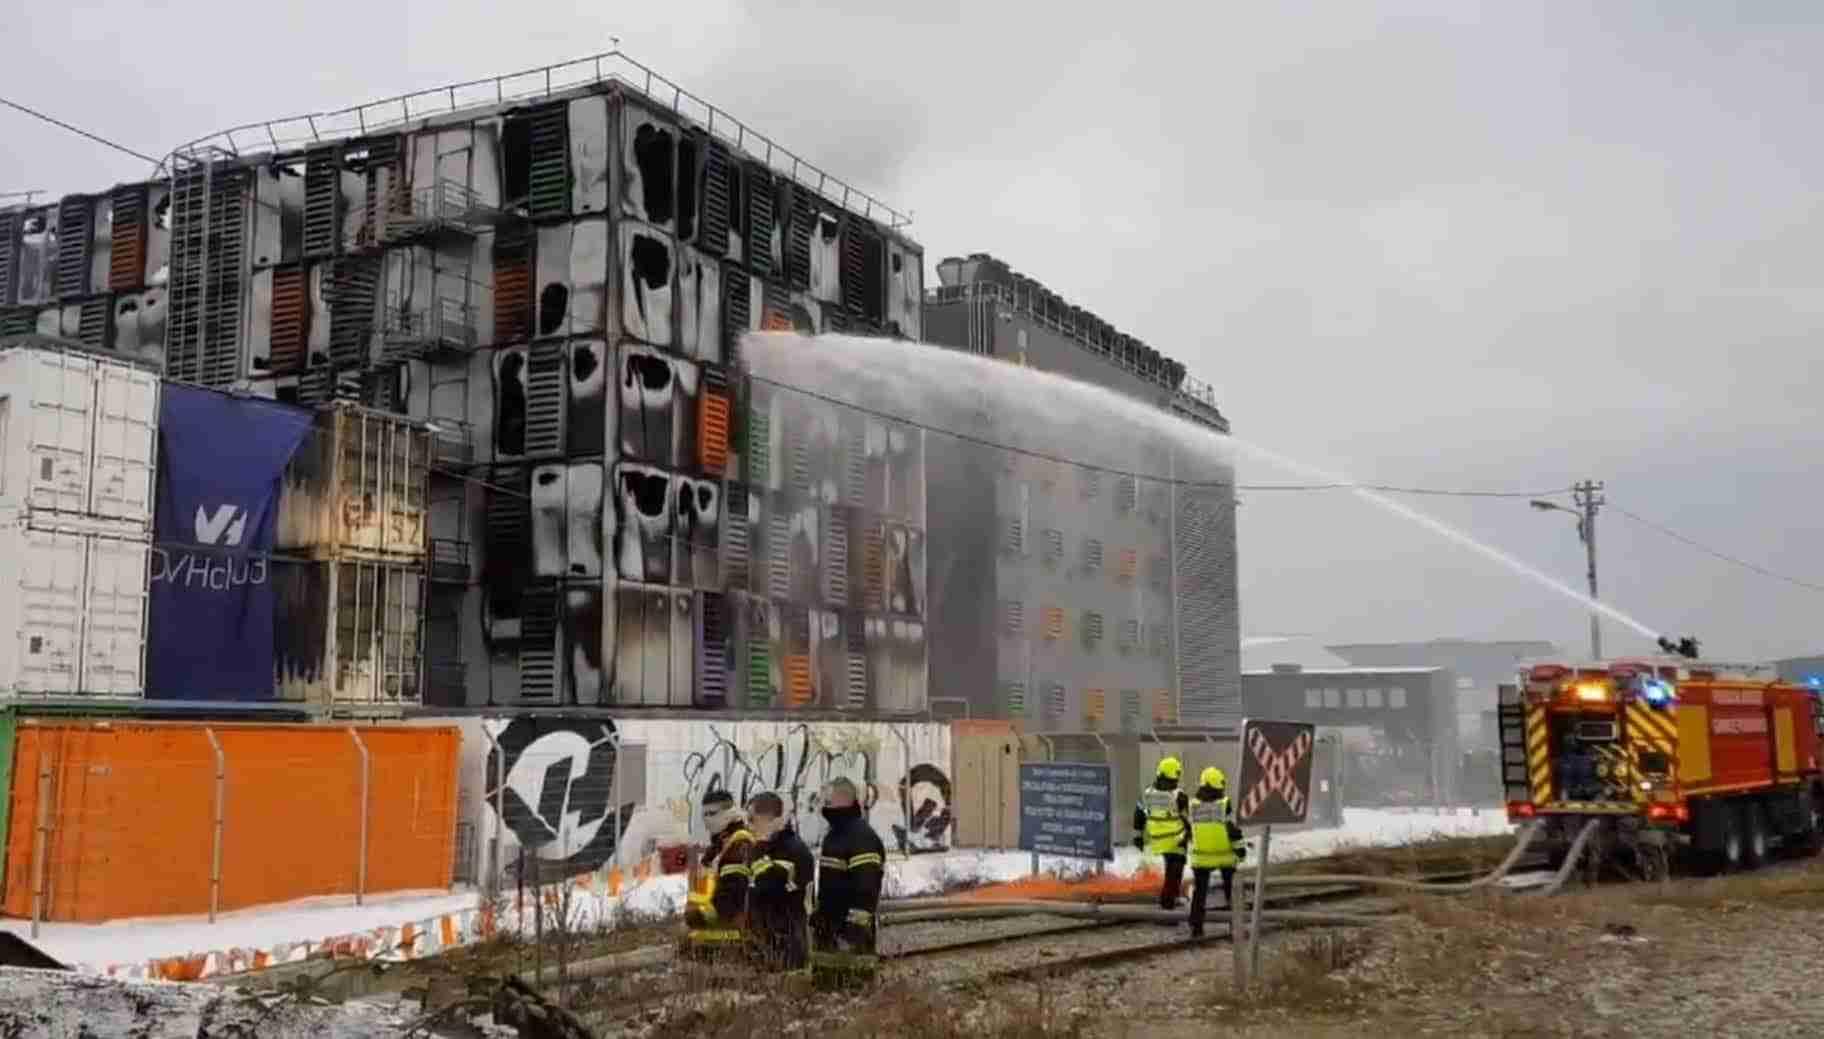 La pérdida de datos por el incendio en el centro de datos de OVH en Francia 6